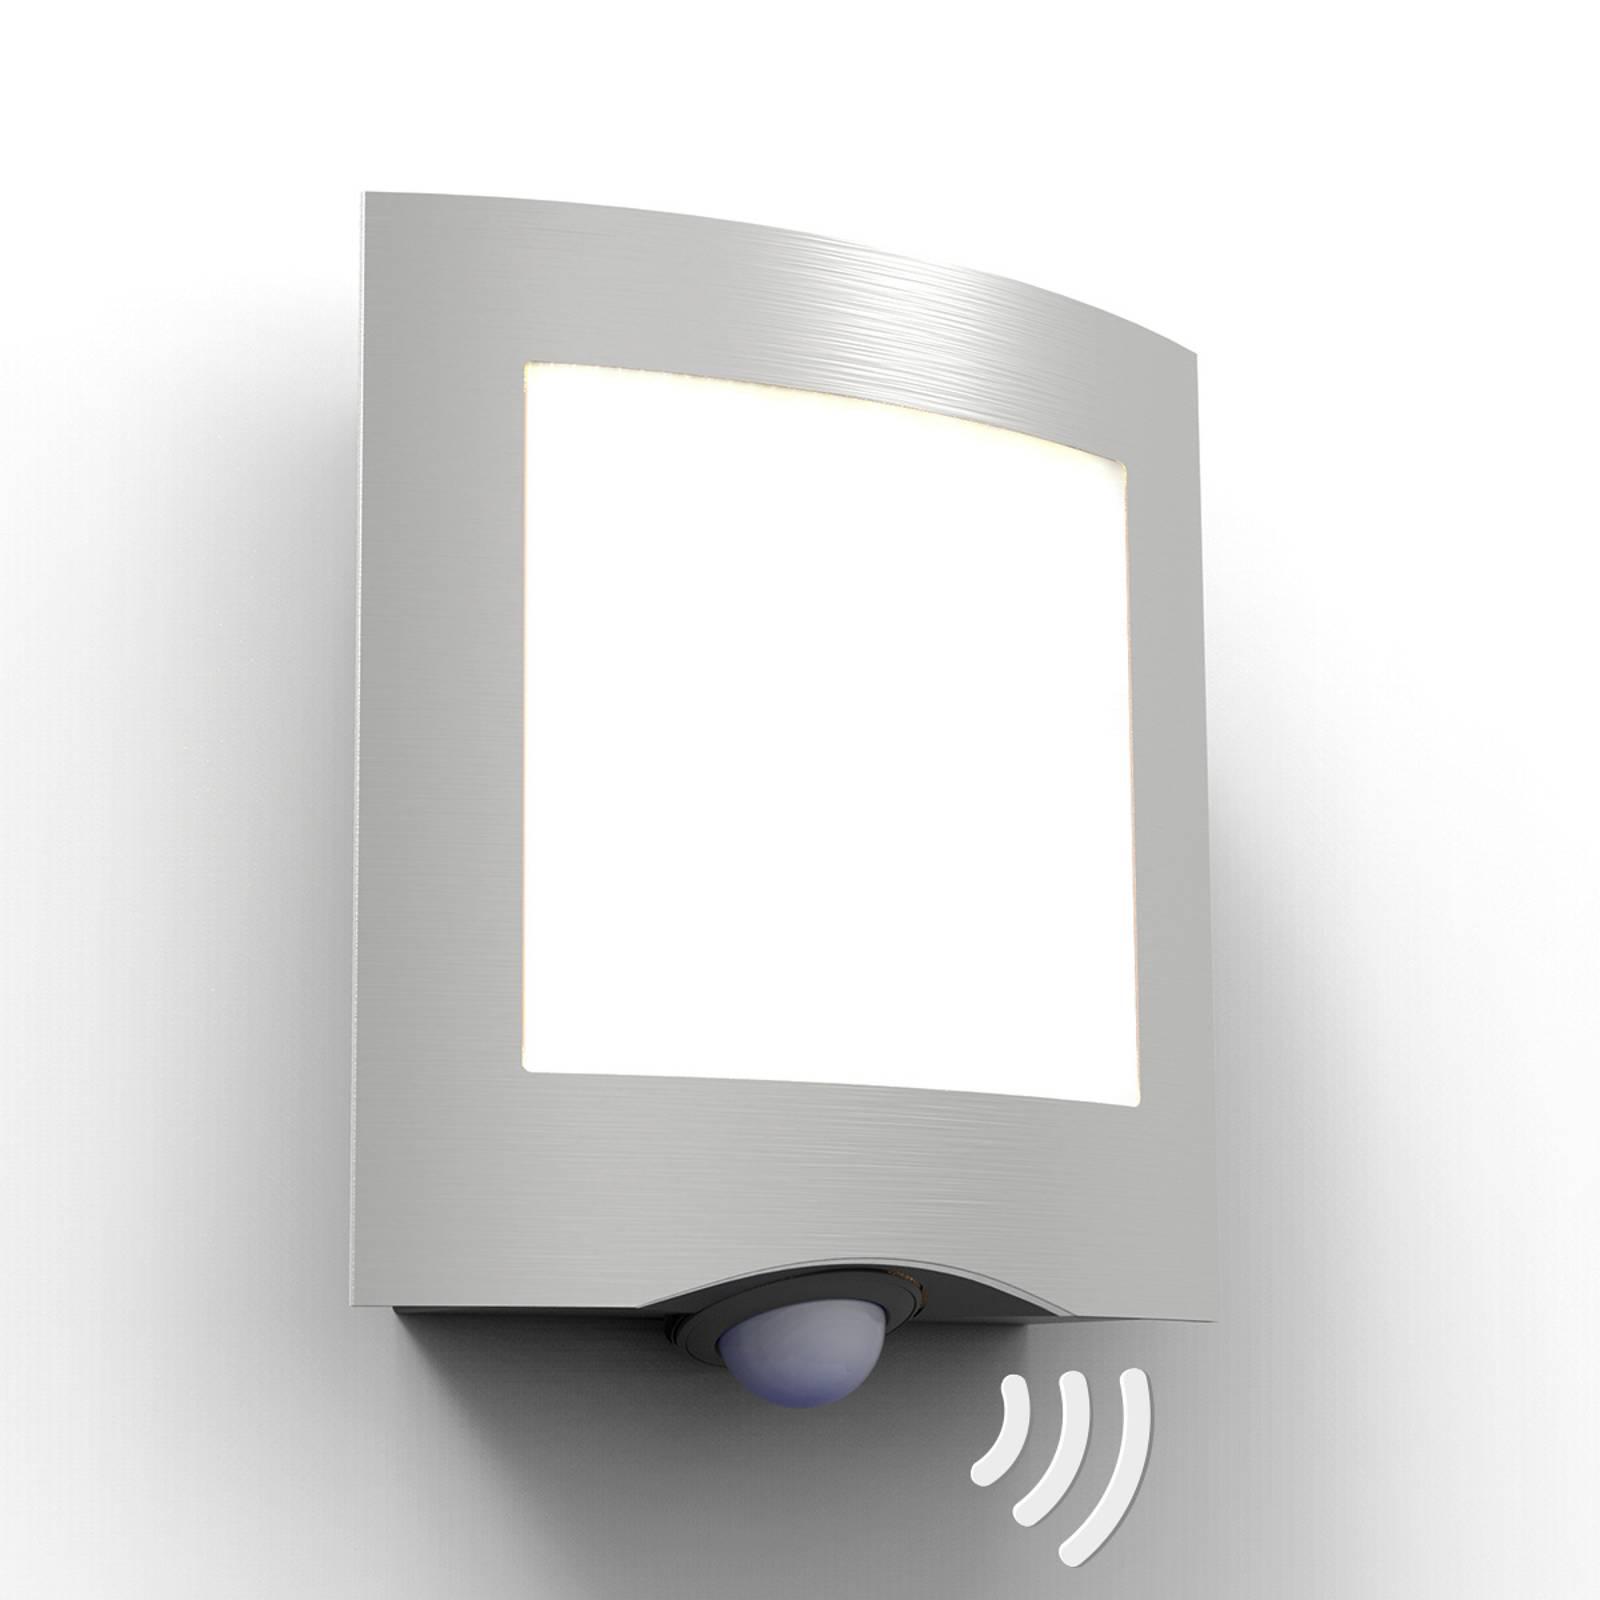 Applique extérieur LED Farell, acier inox, capteur